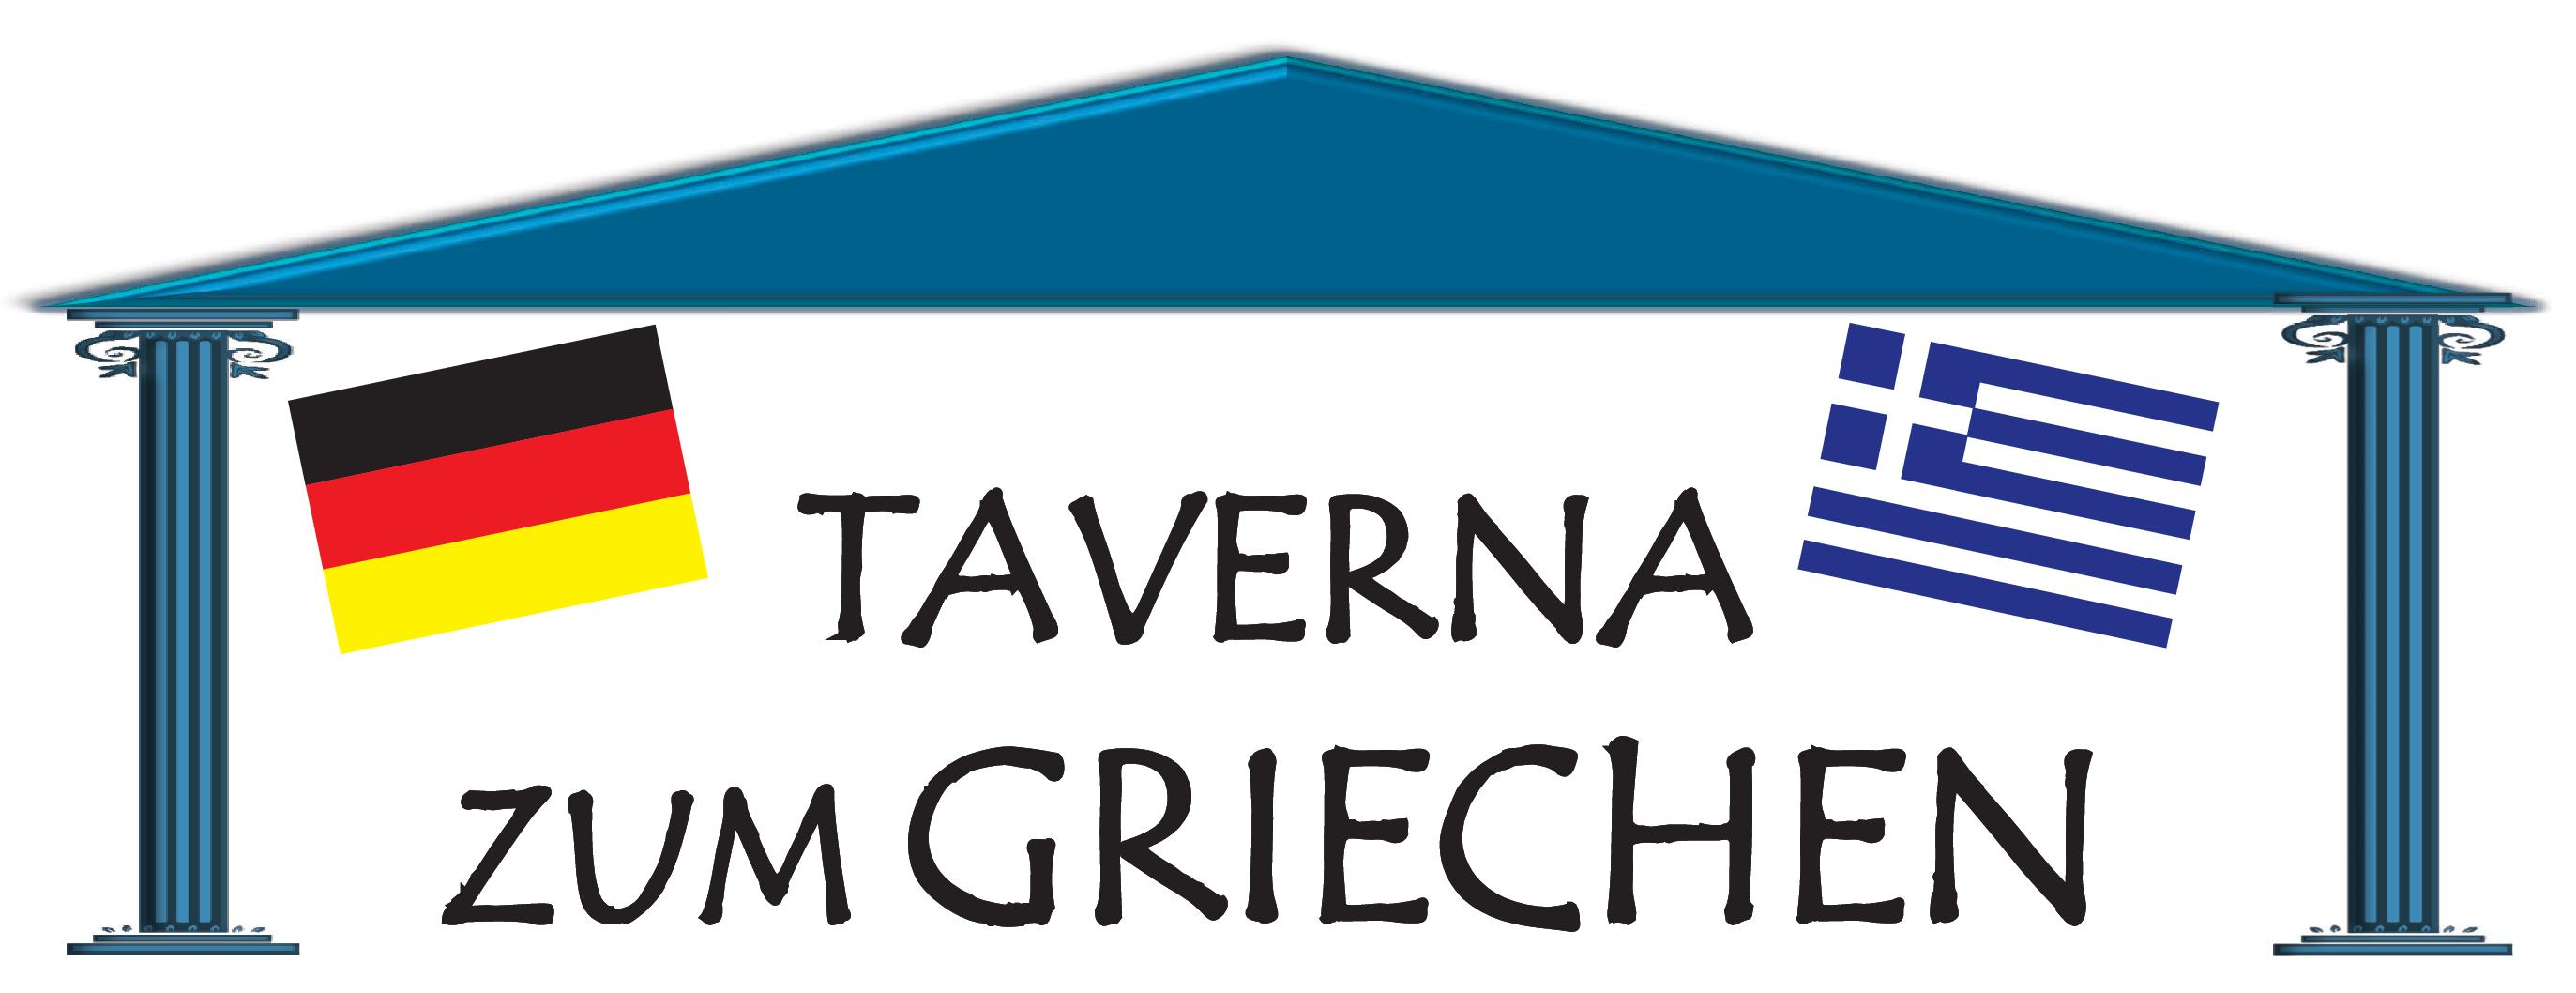 Taverna zum Griechen